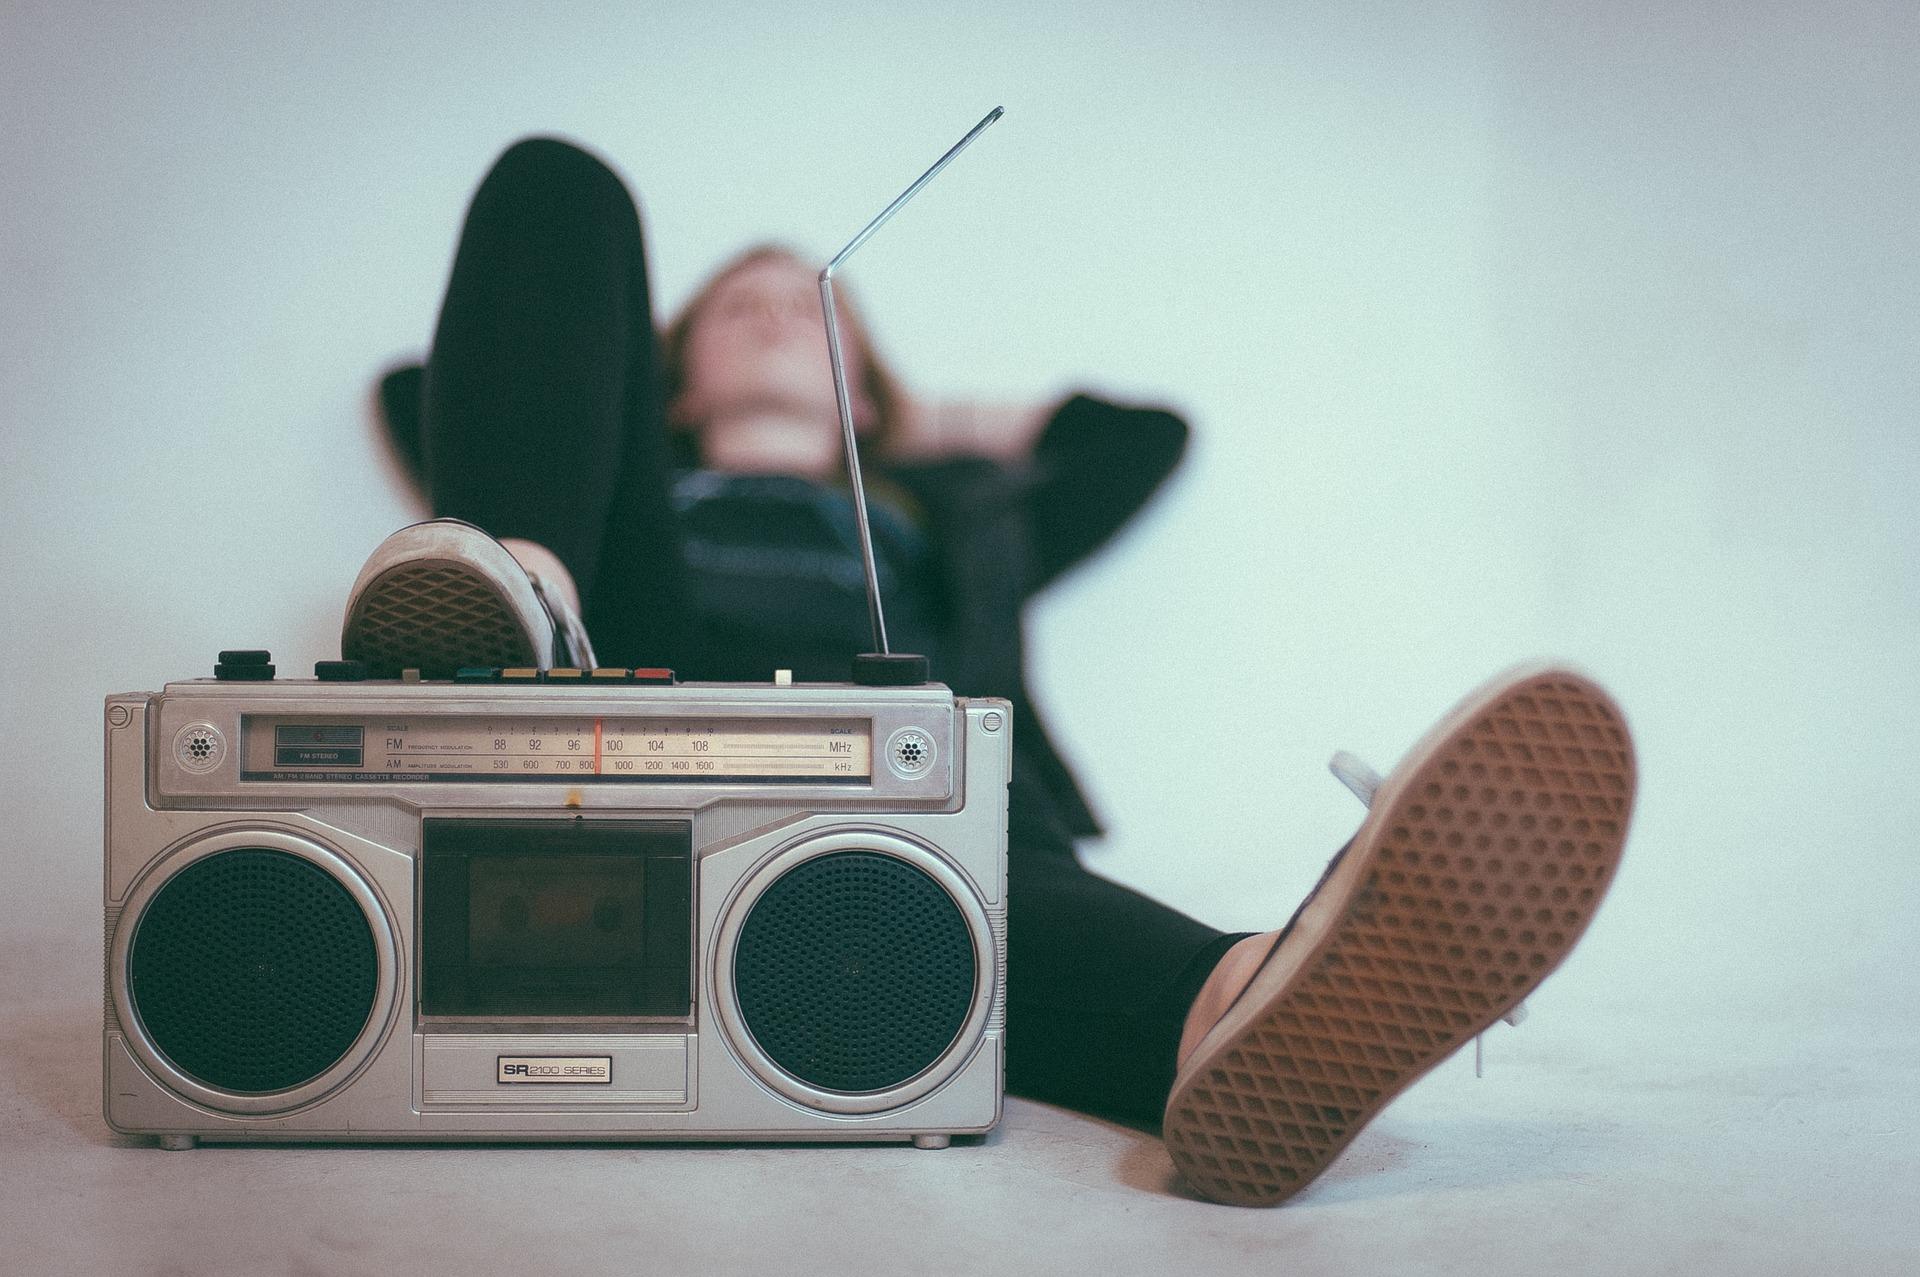 Cuñas de radio publicidad